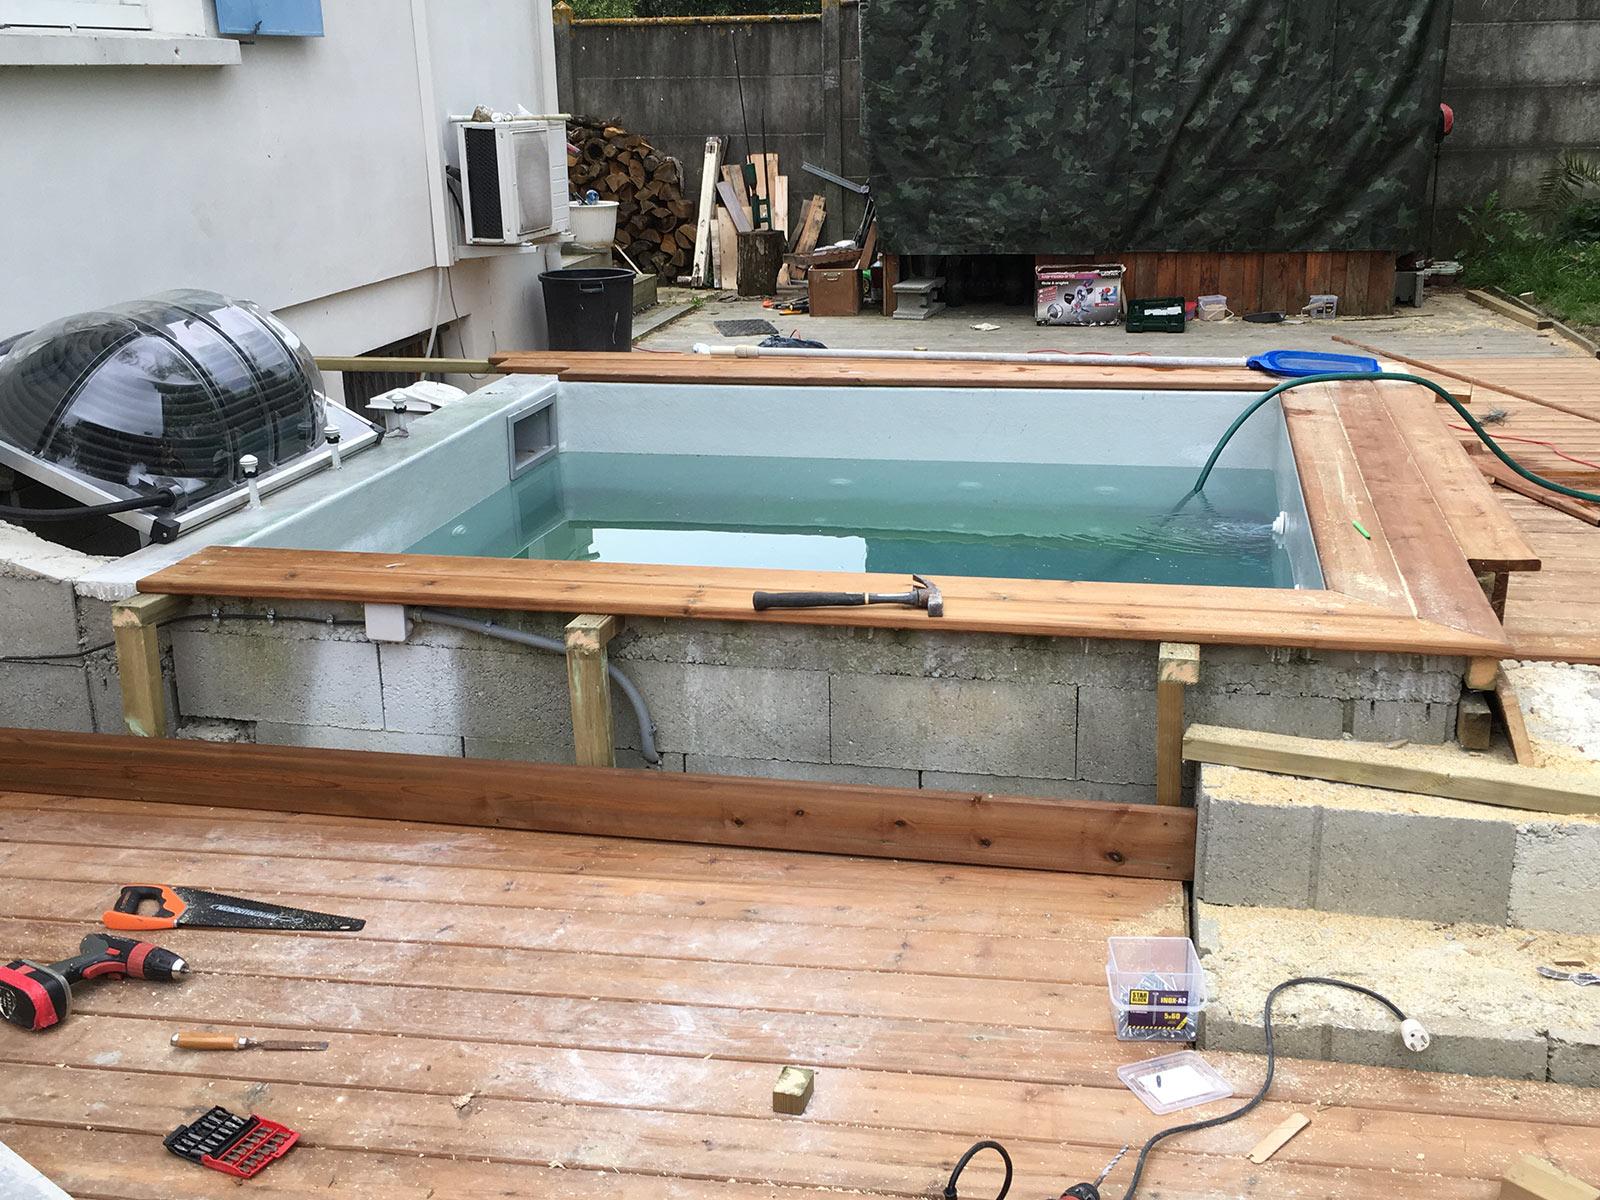 Fin de l 39 habillage du spa b ton construction d 39 une petite piscine e - Construire un jacuzzi en beton ...